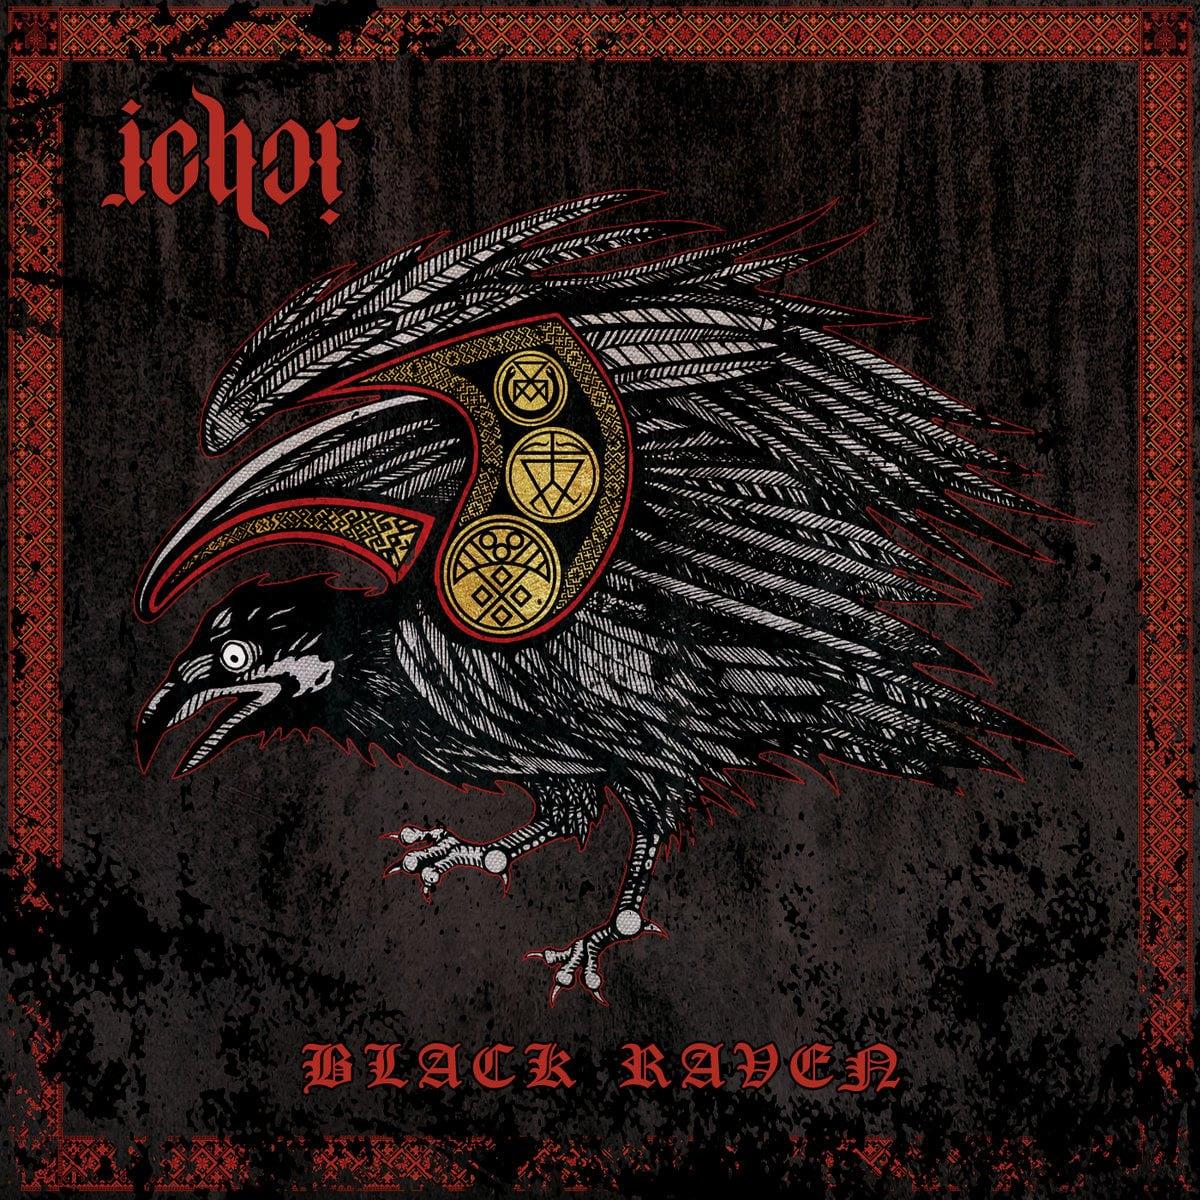 ICHOR BLACK RAVEN